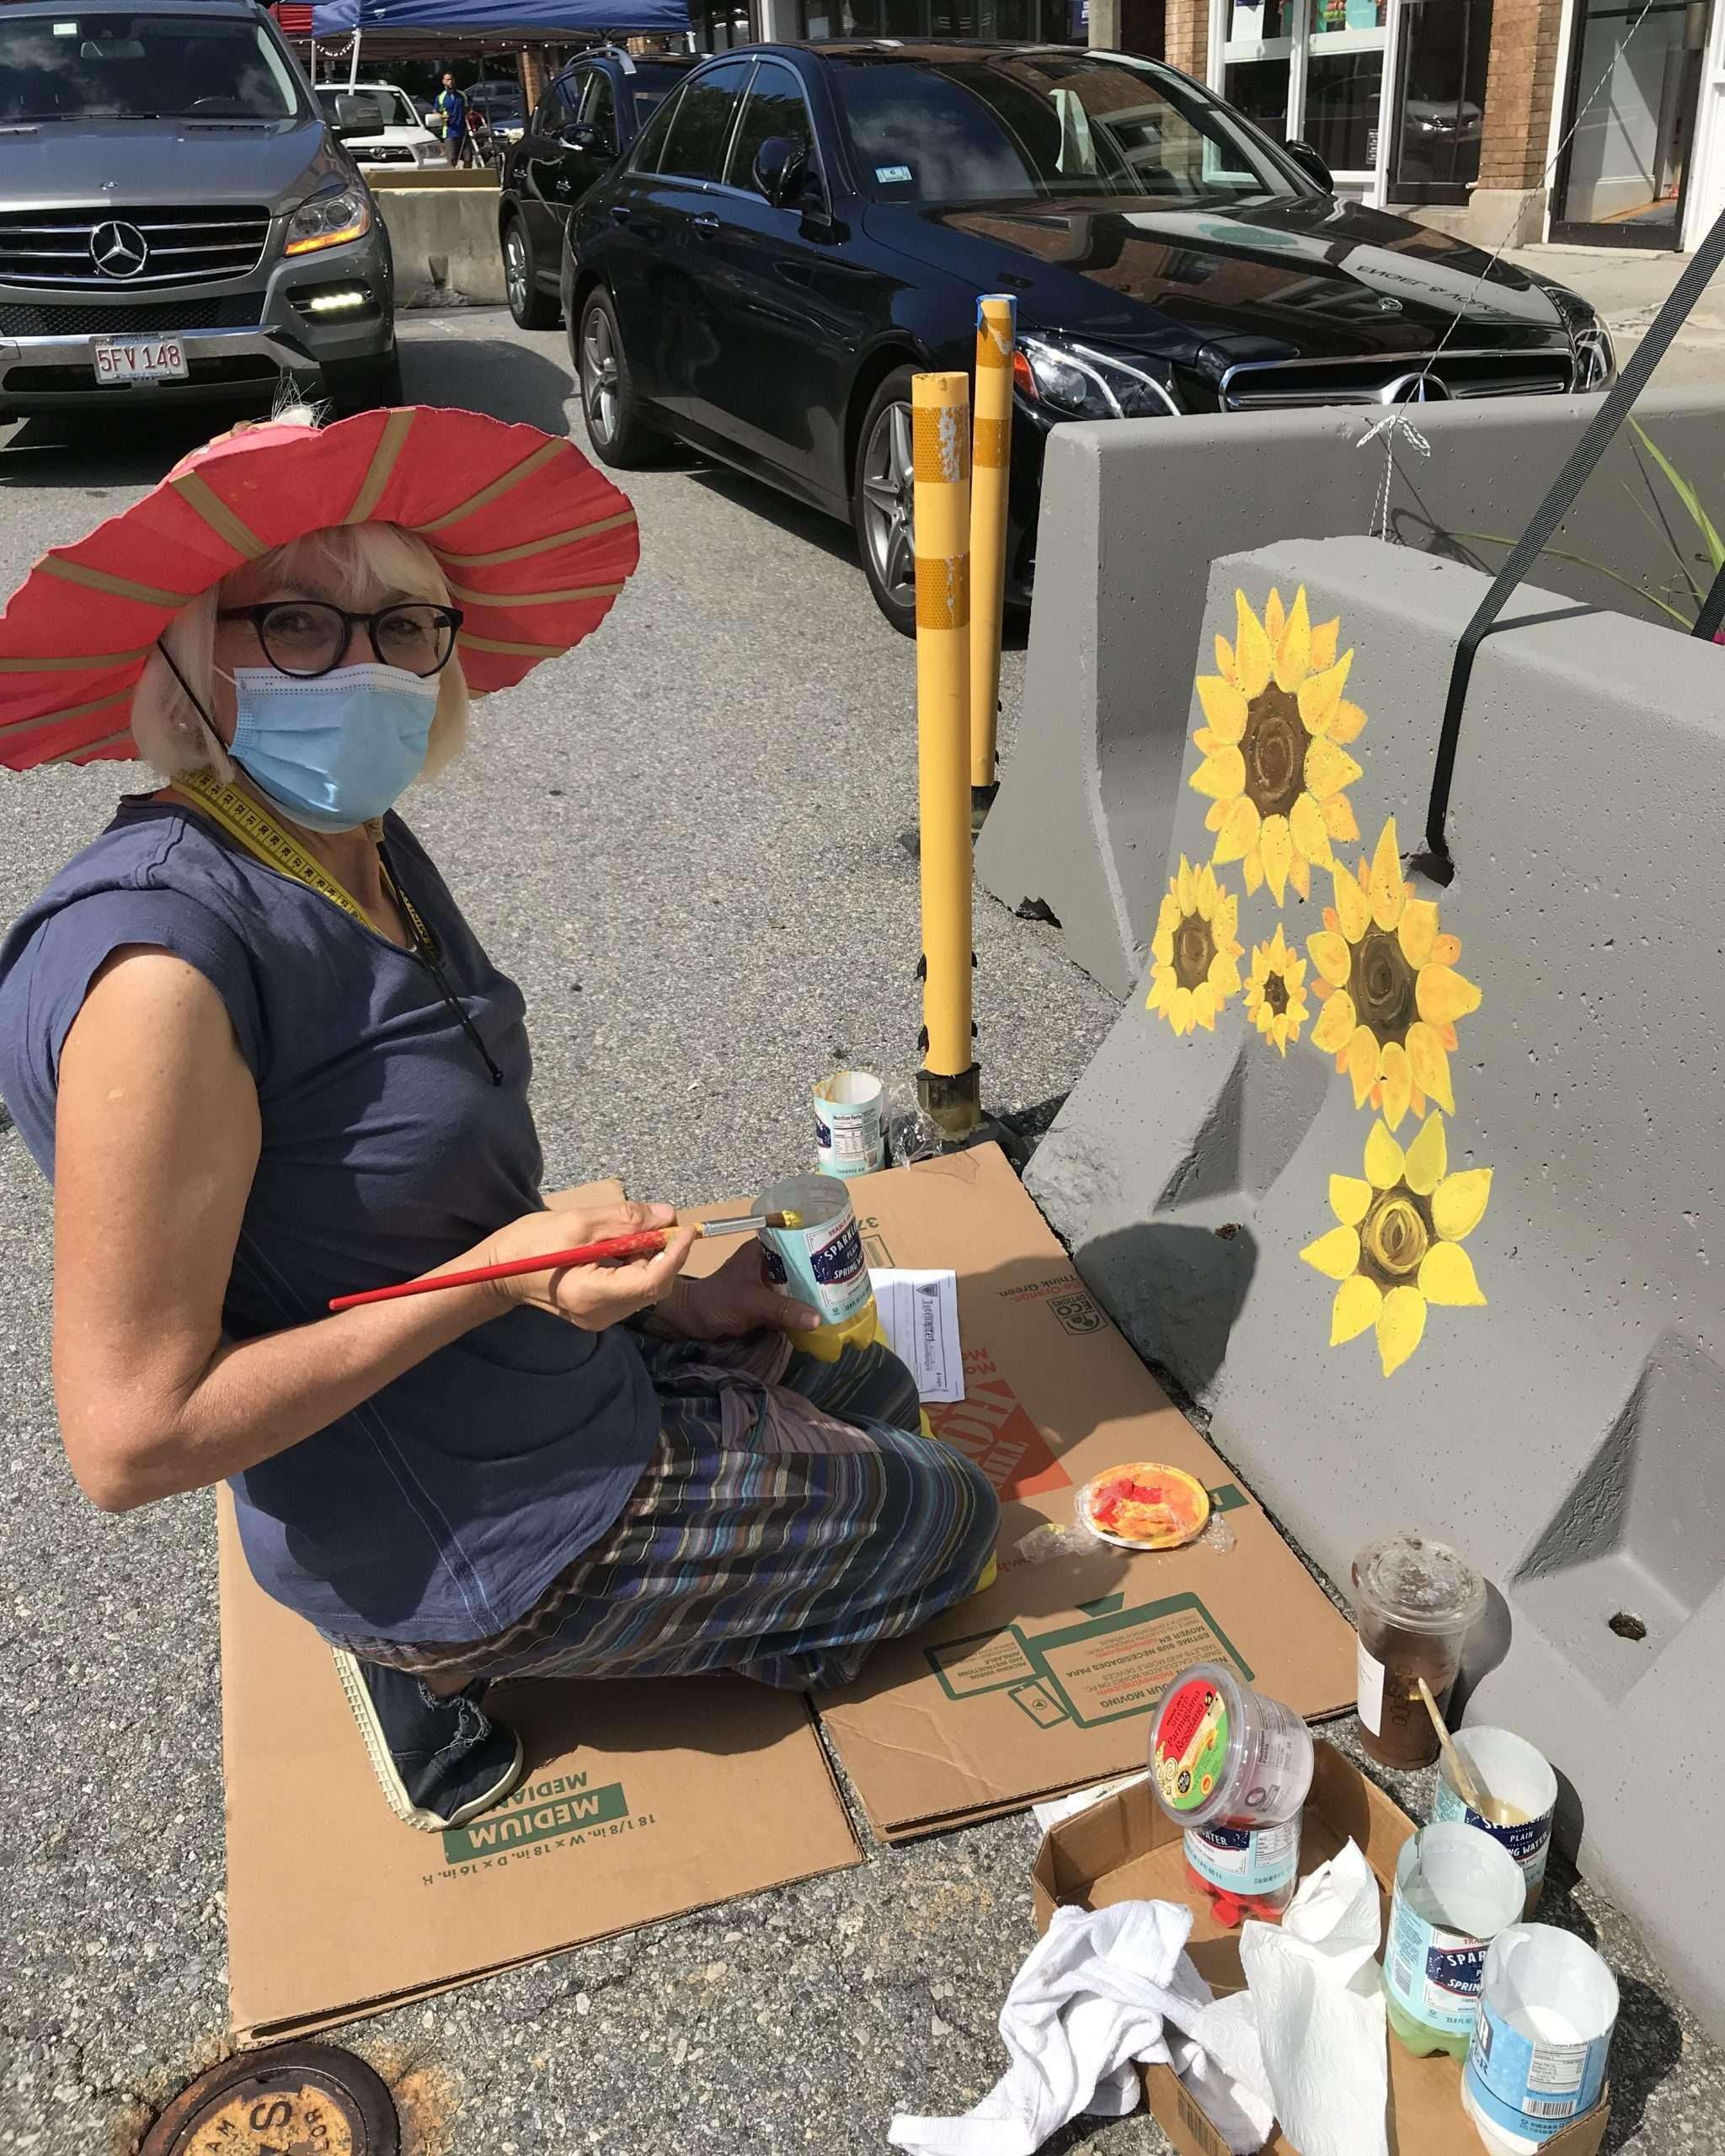 Artist paintings flowers on barriers